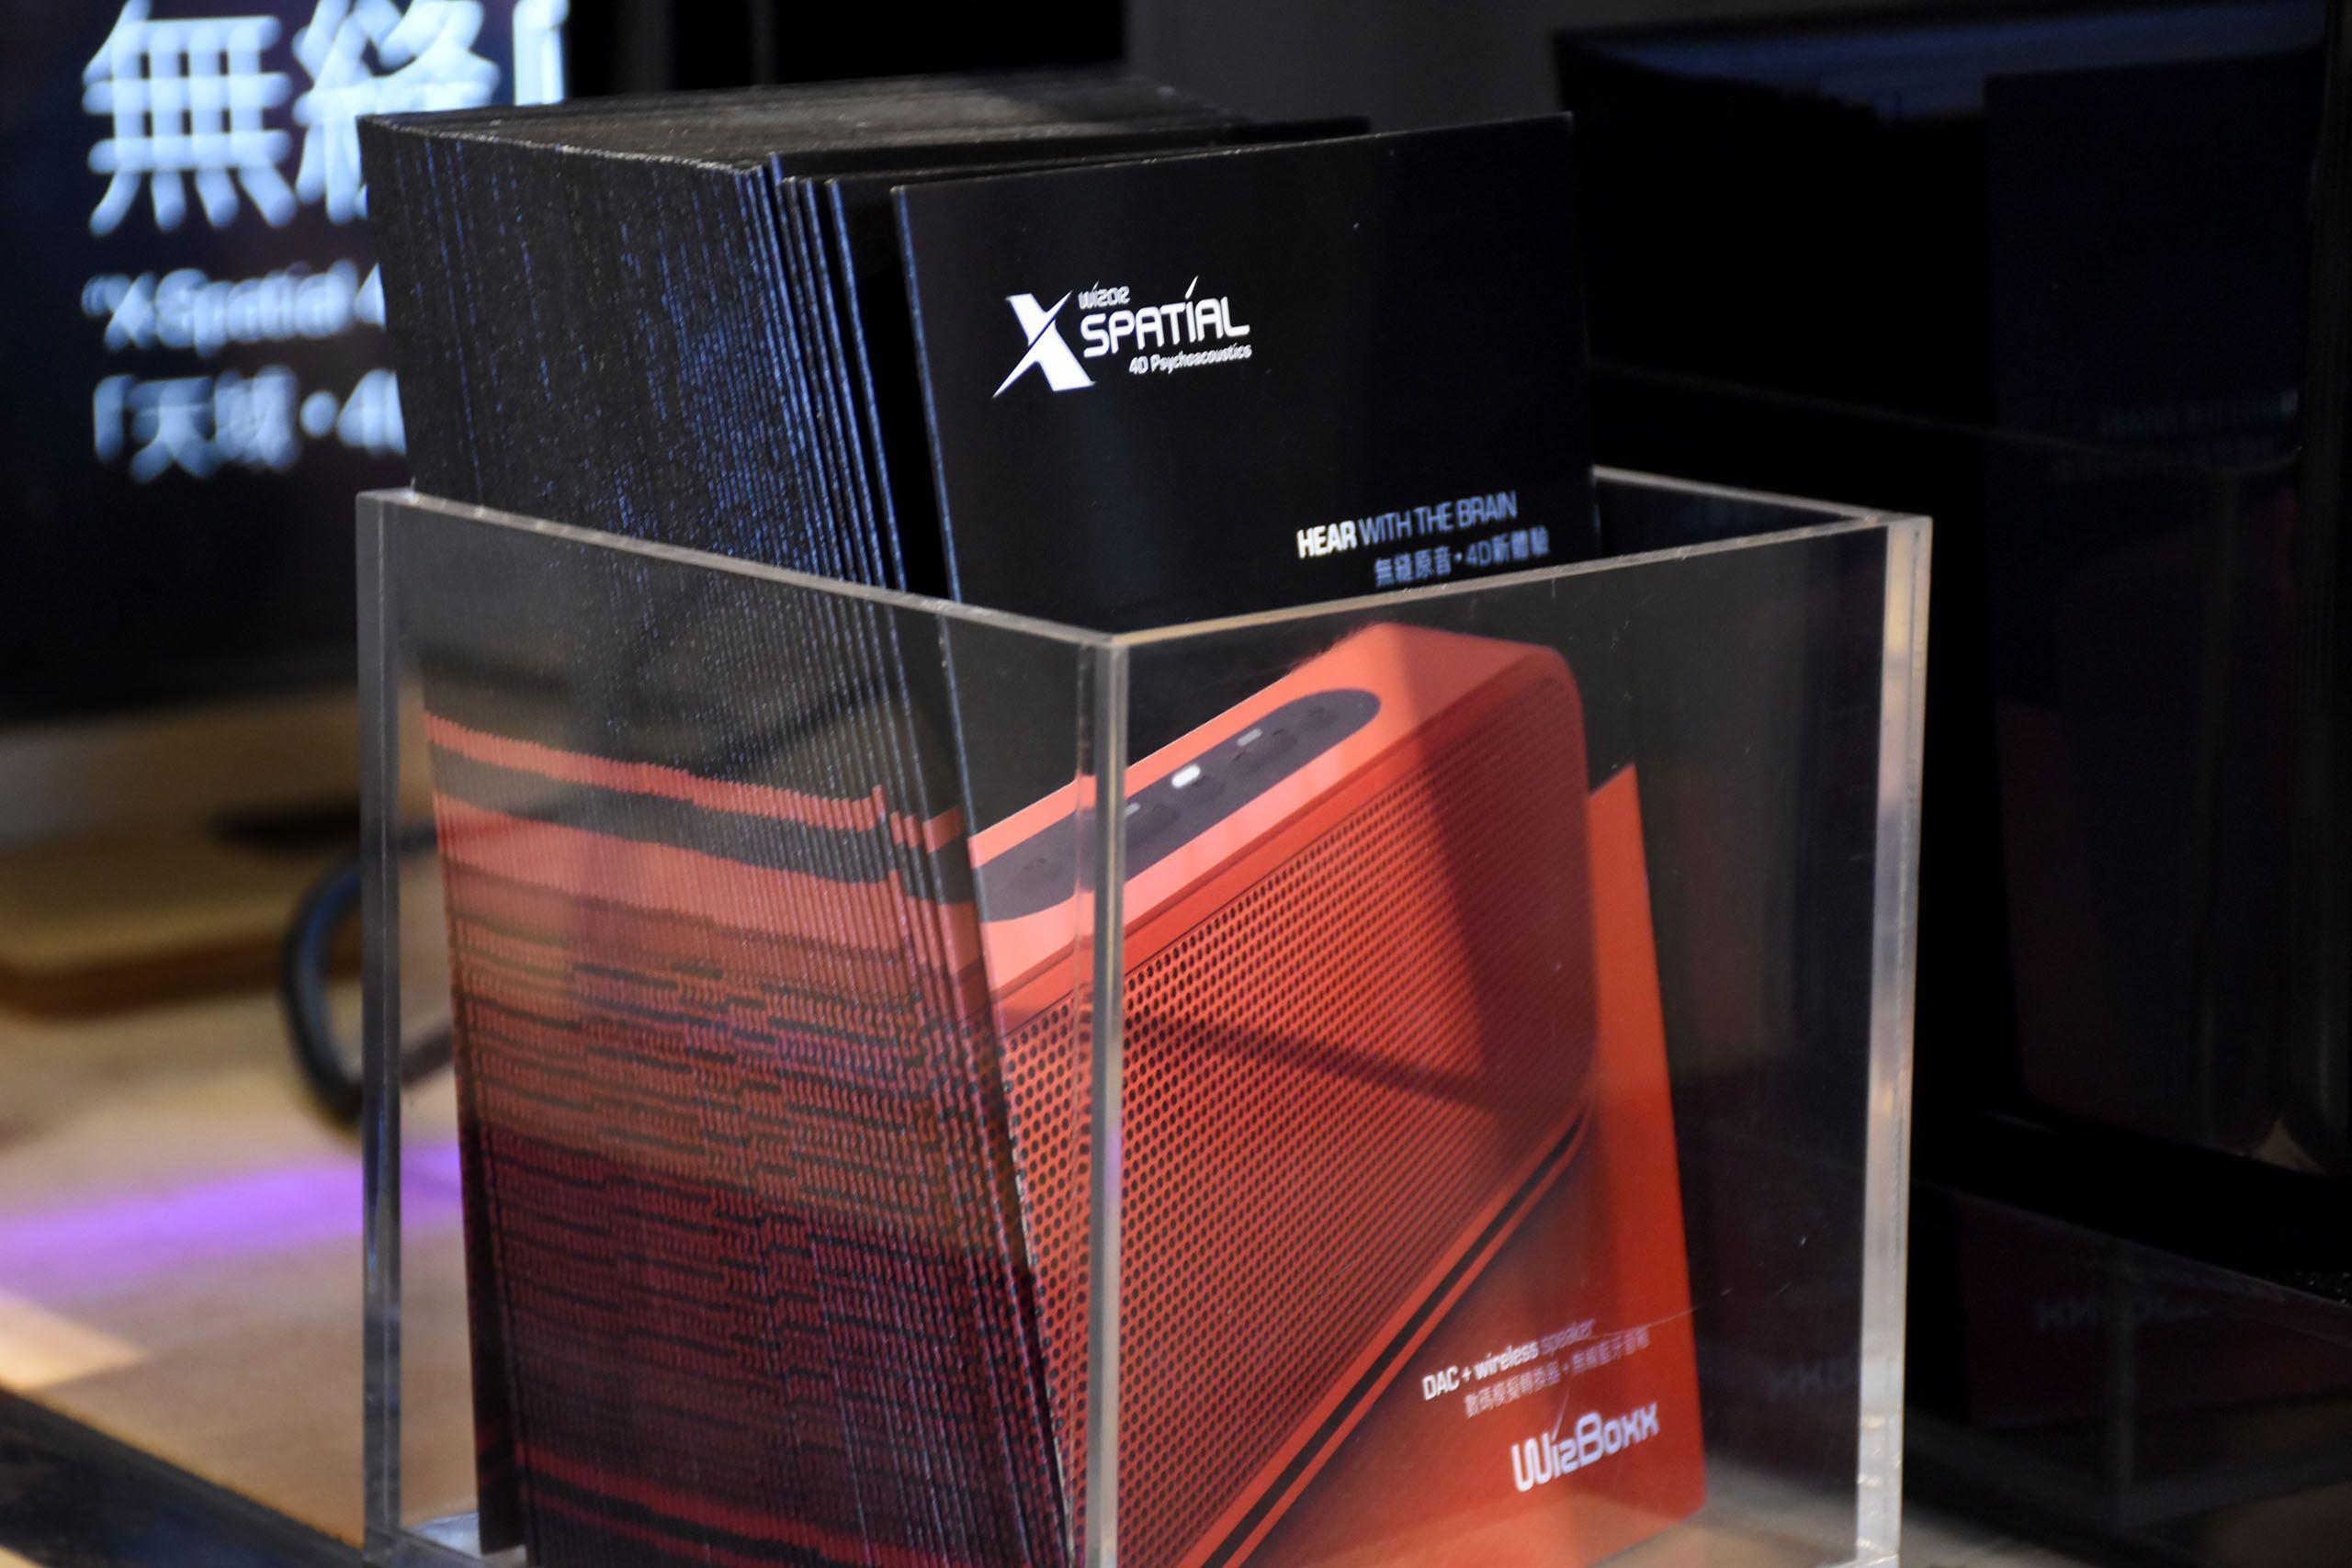 HMV Retail Display Futuristic design, Design elements